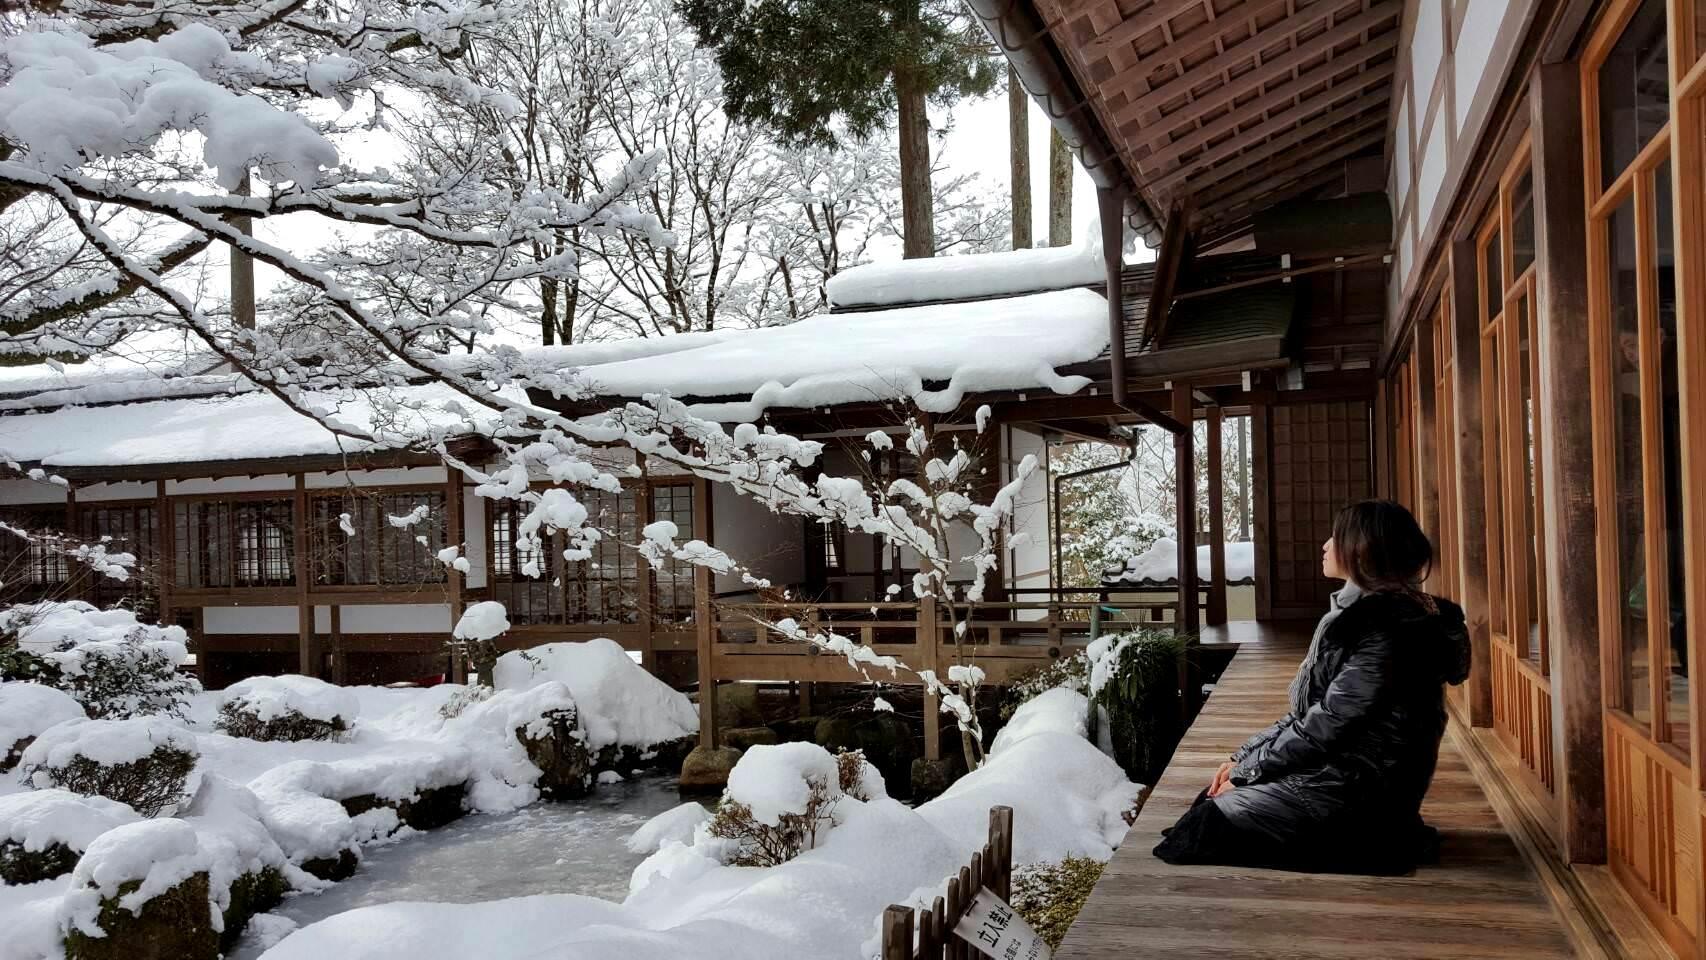 京都自由行 旅遊景點 | 大原《三千院》冬季賞雪 賞楓賞苔賞花也很推薦 (大眾運輸交通指南)